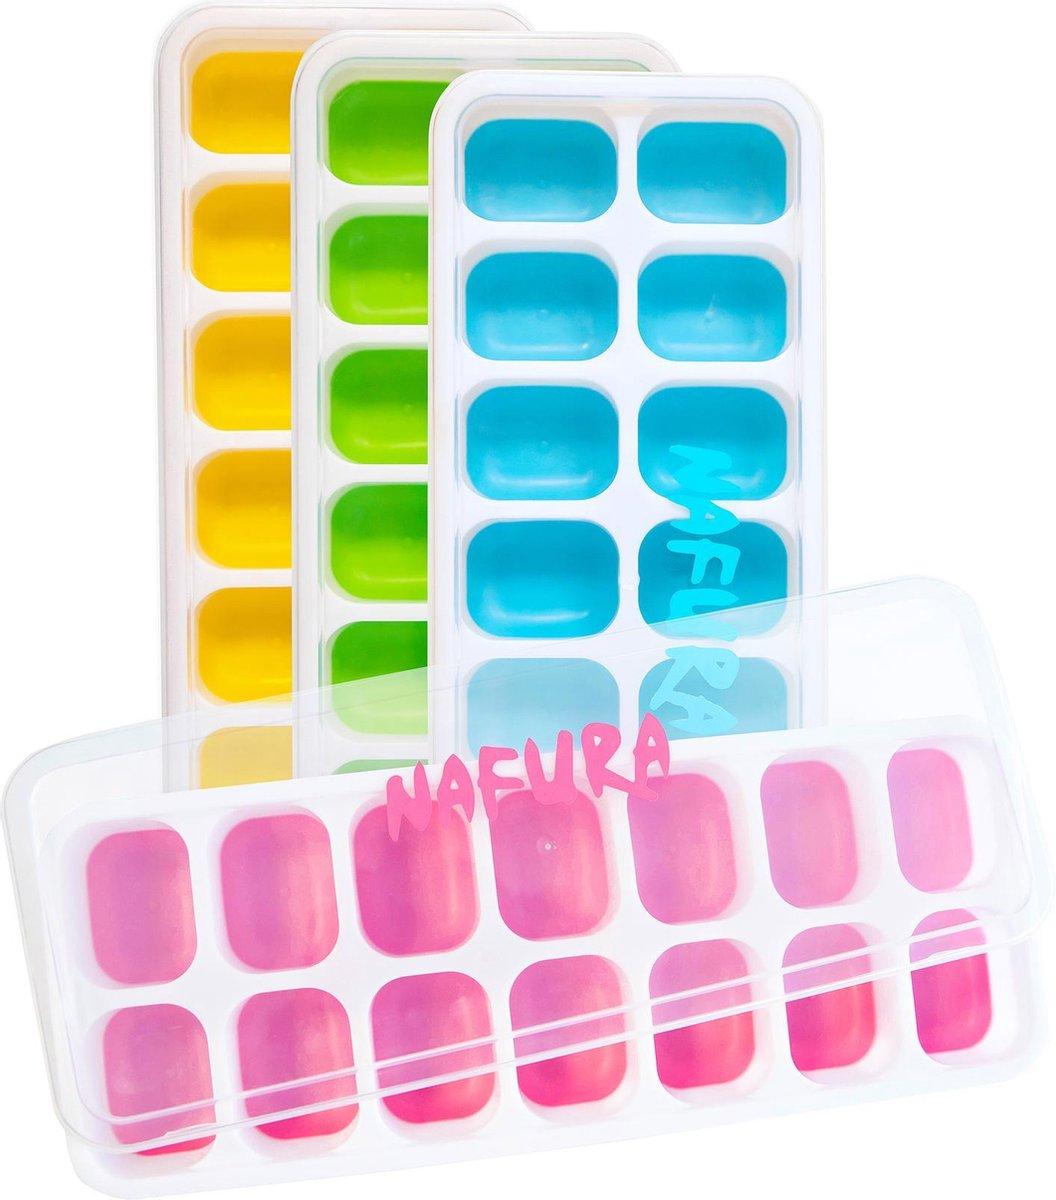 Nafura  Siliconen IJsblokjesvorm met deksel   4 Stuks   Herbruikbaar   BPA Vrij - Vierkant